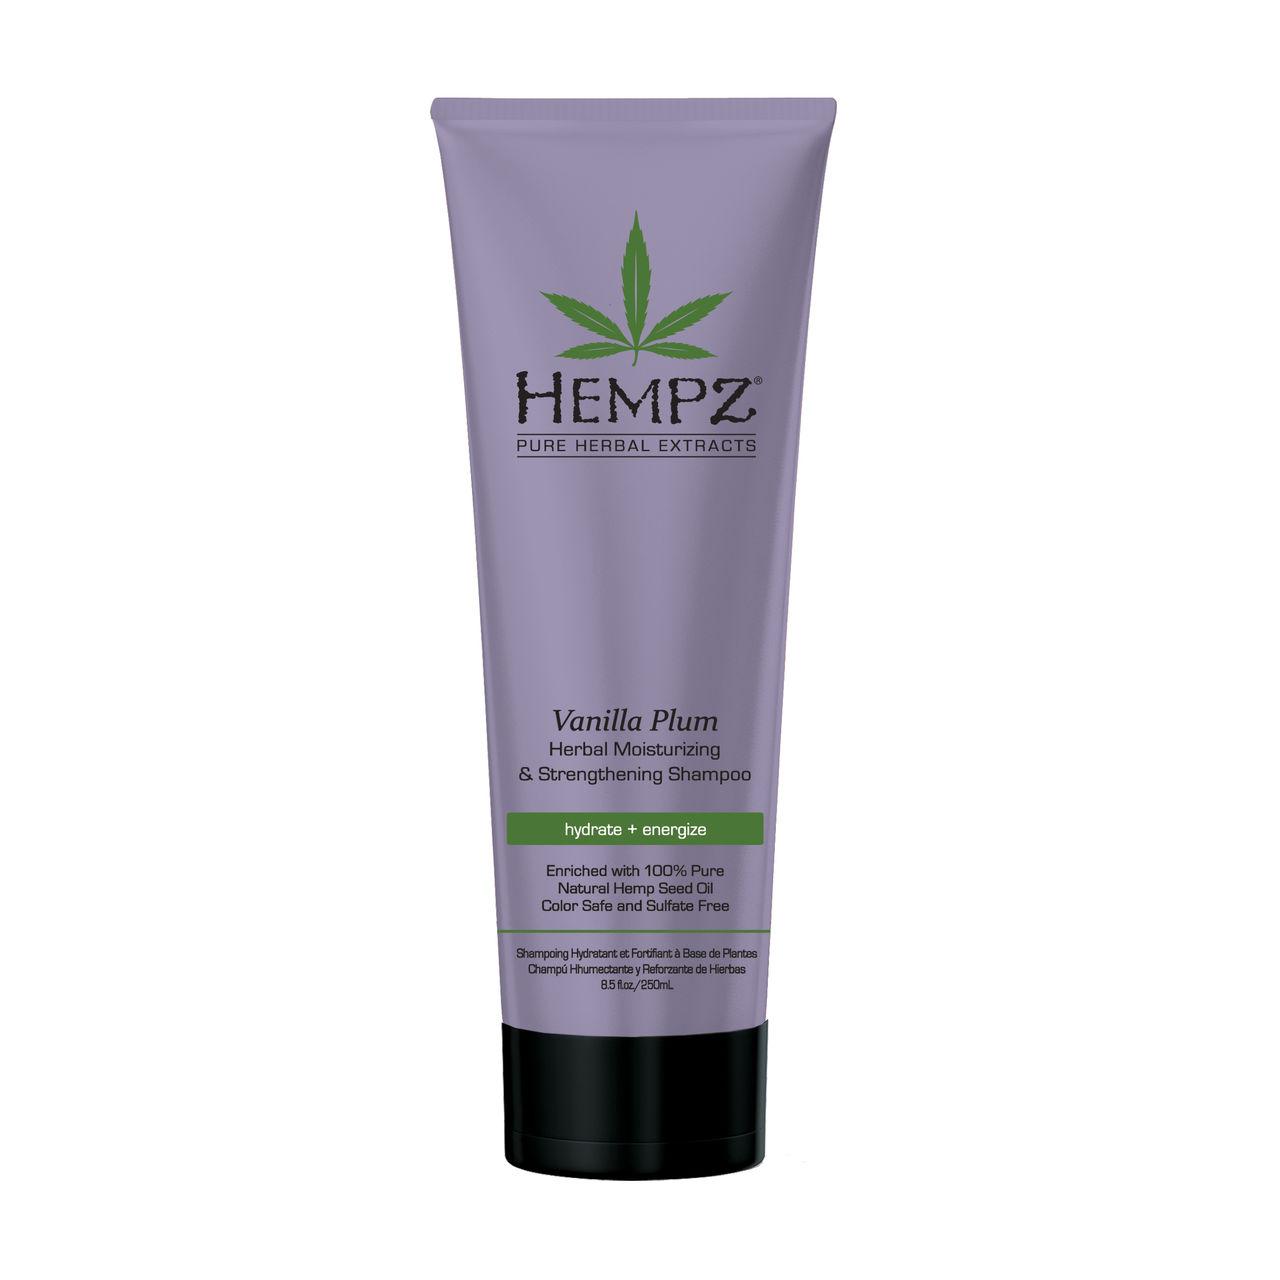 HEMPZ Шампунь растительный Ваниль и Слива средней степени увлажнения для ослабленных волос 265мл